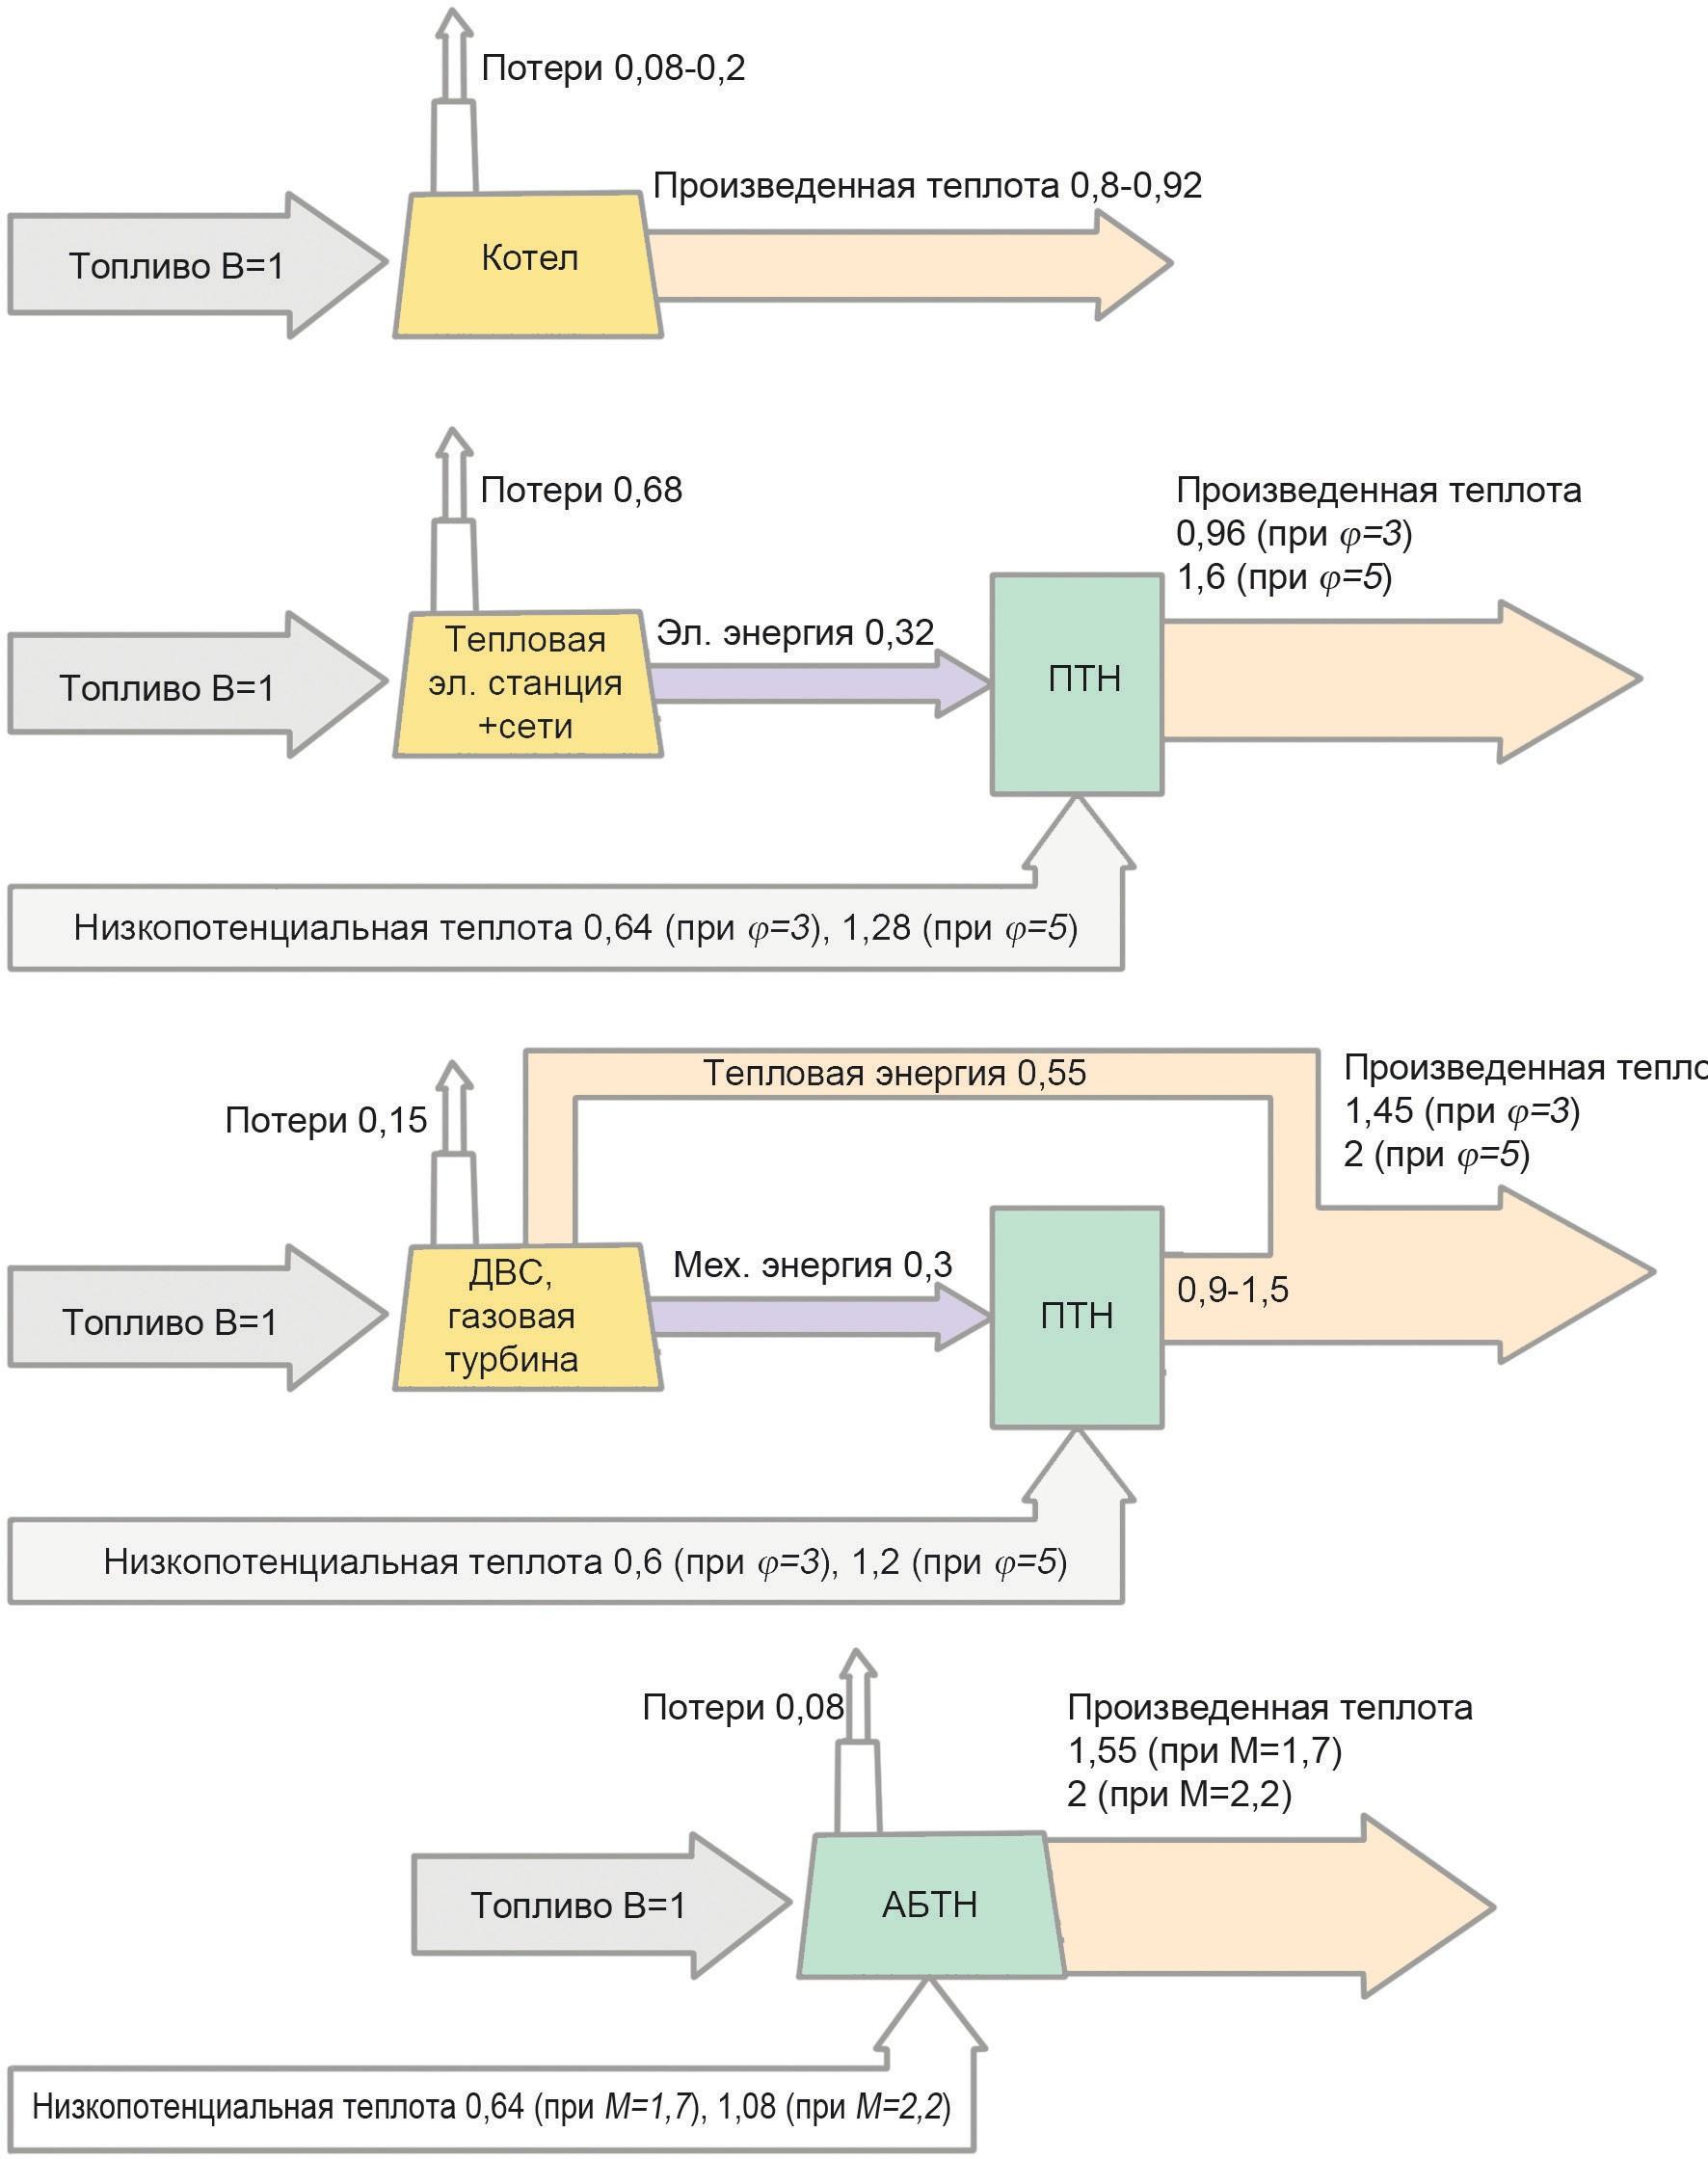 Энергетические балансы различных схем производства теплоты